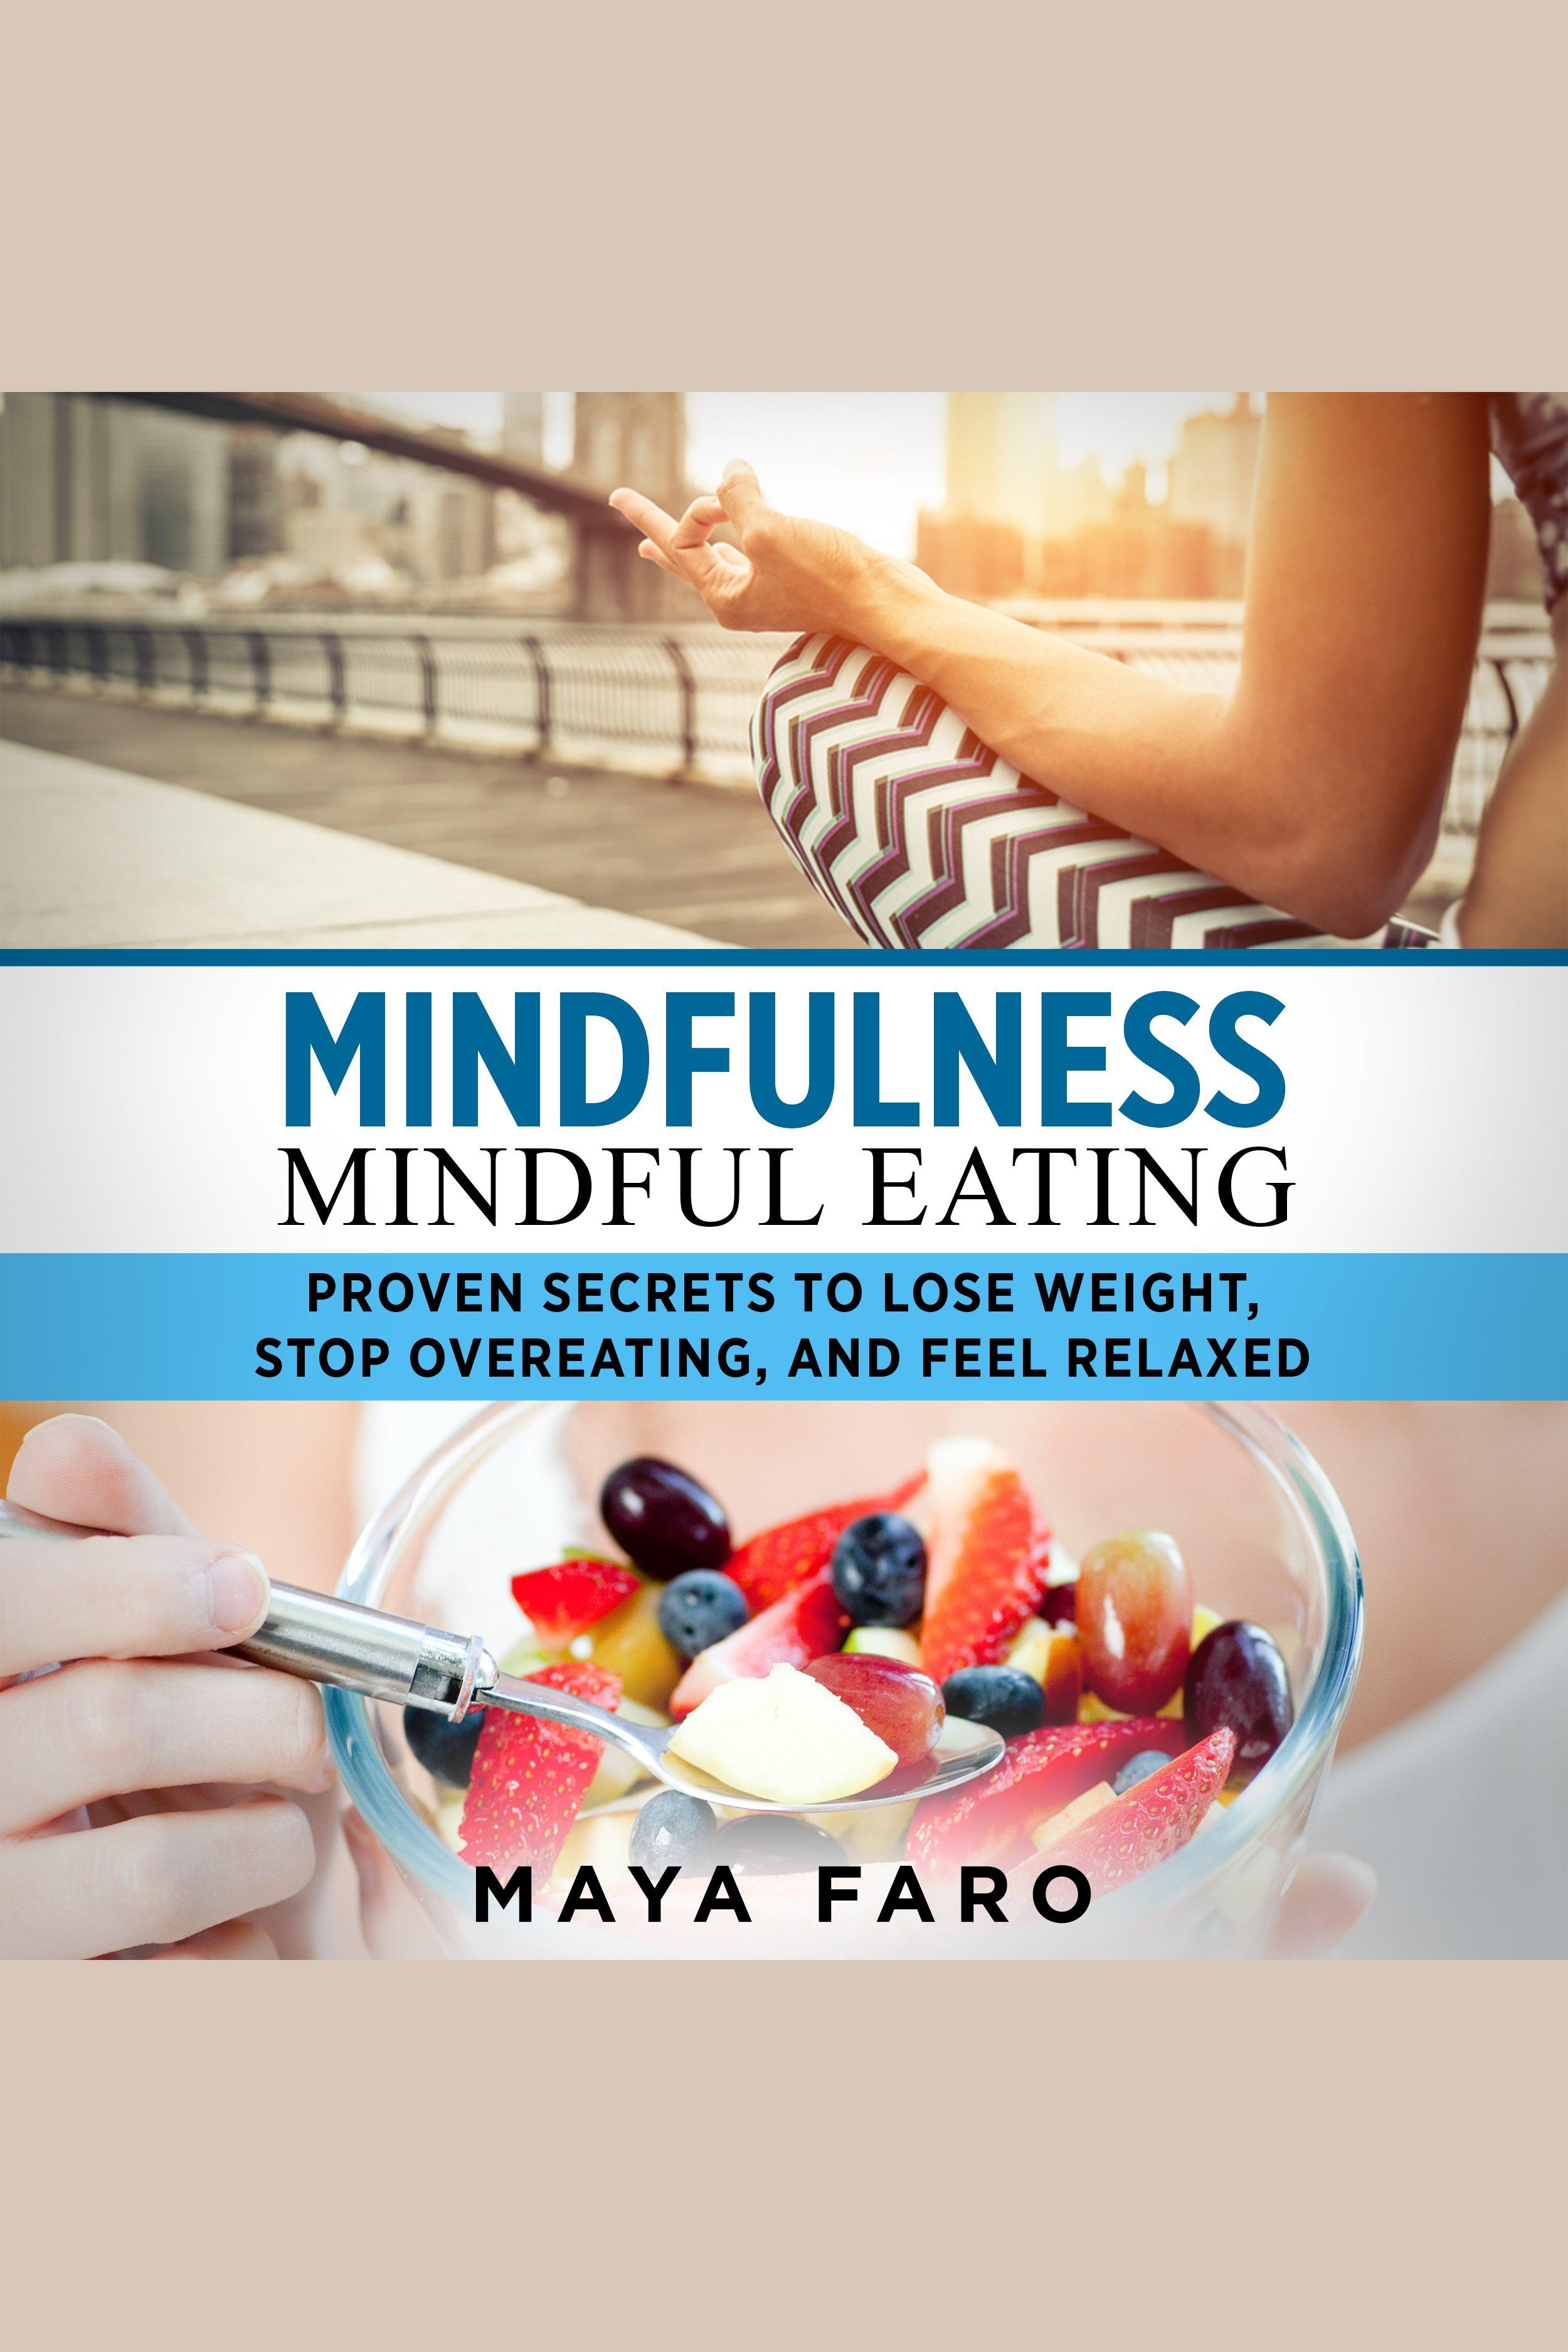 Esta es la portada del audiolibro Mindfulness - Mindful Eating